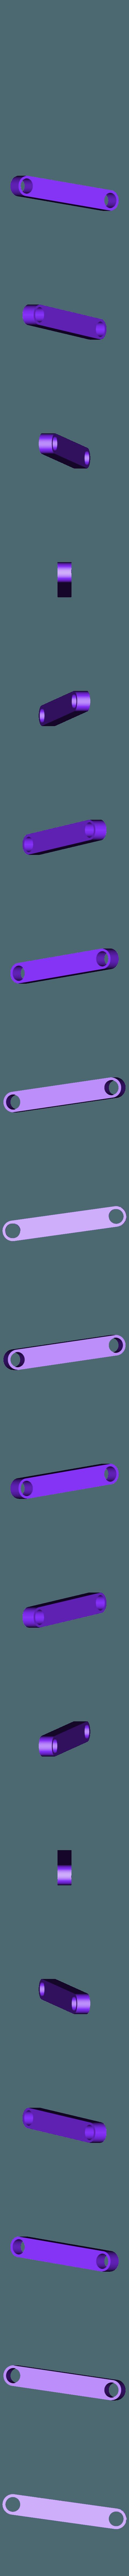 Leg_Front_Lower_Front.stl Télécharger fichier STL gratuit Cheval, Prototype • Design pour imprimante 3D, gzumwalt